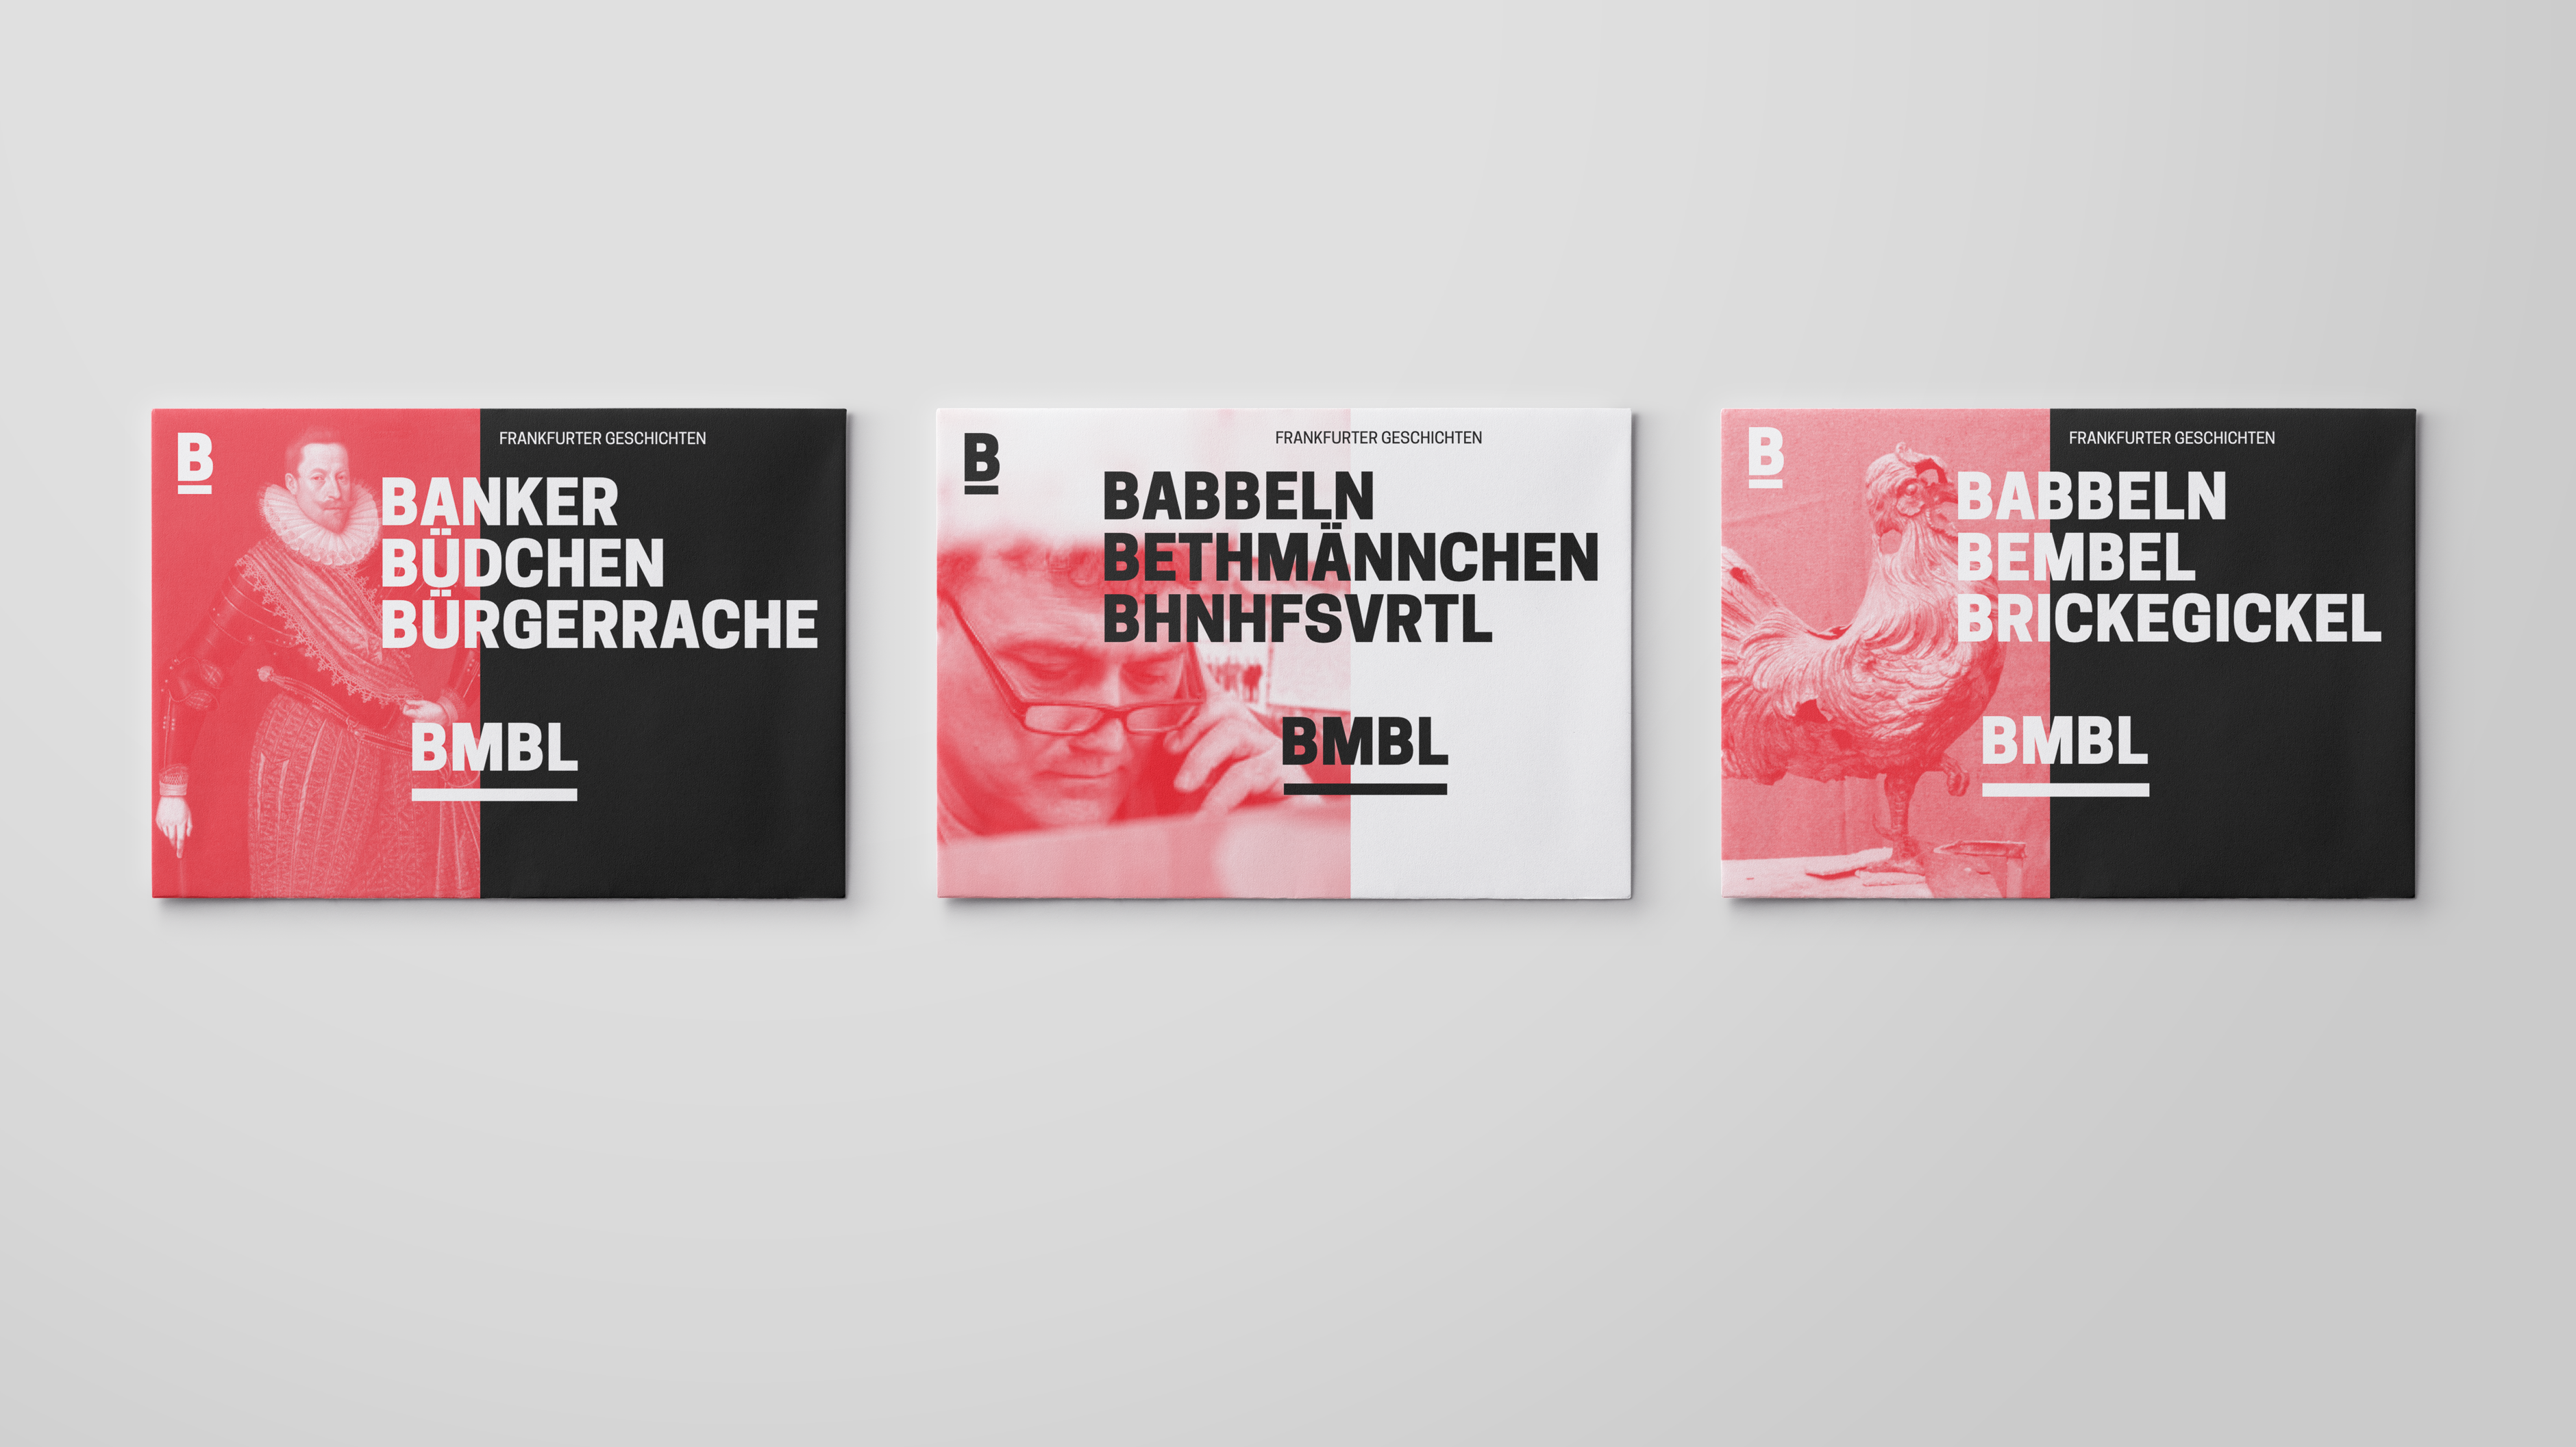 BMBL-merch